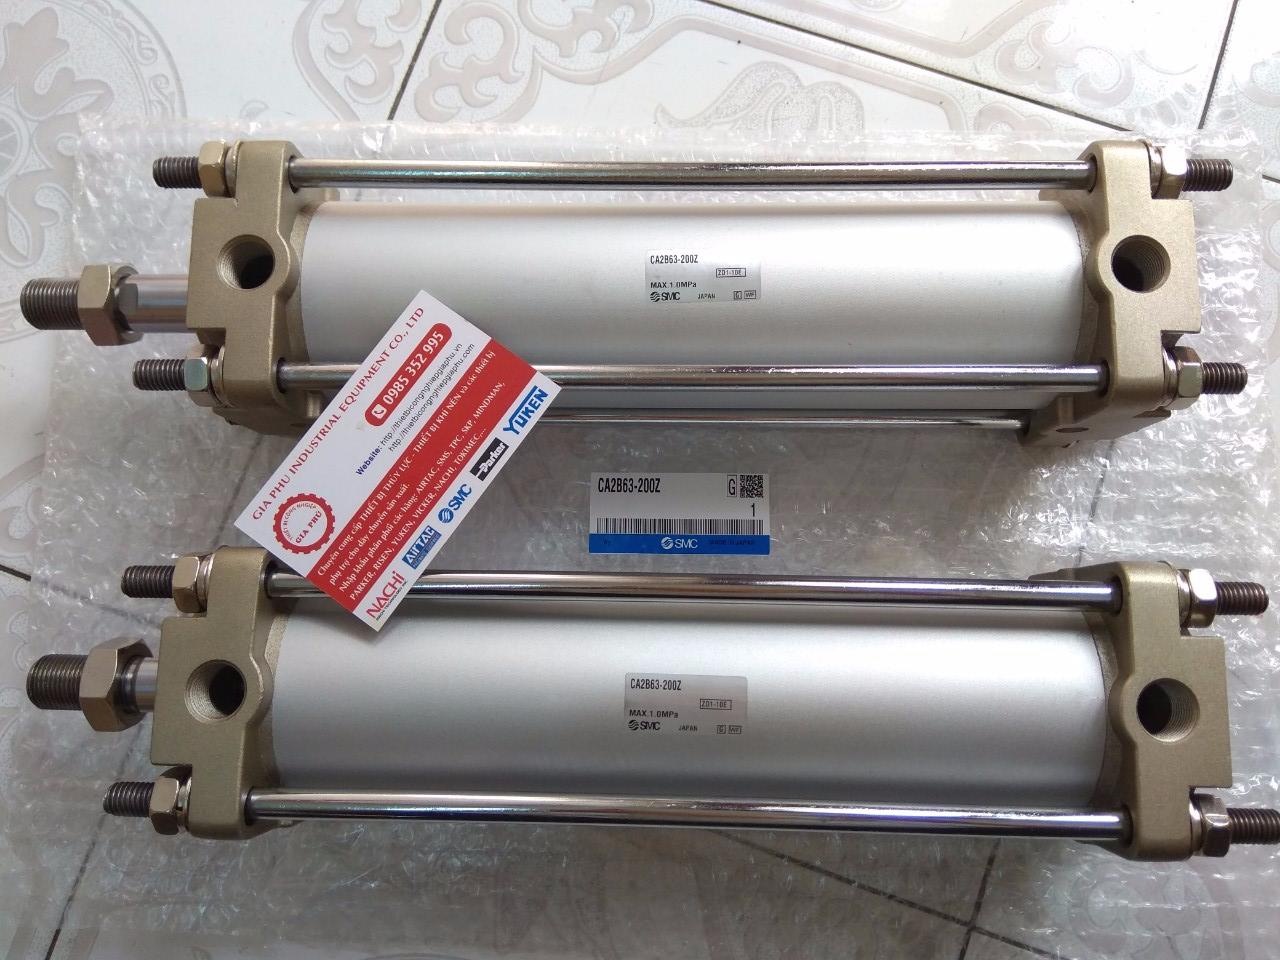 Xi Lanh (SMC) - CA2B63-200Z